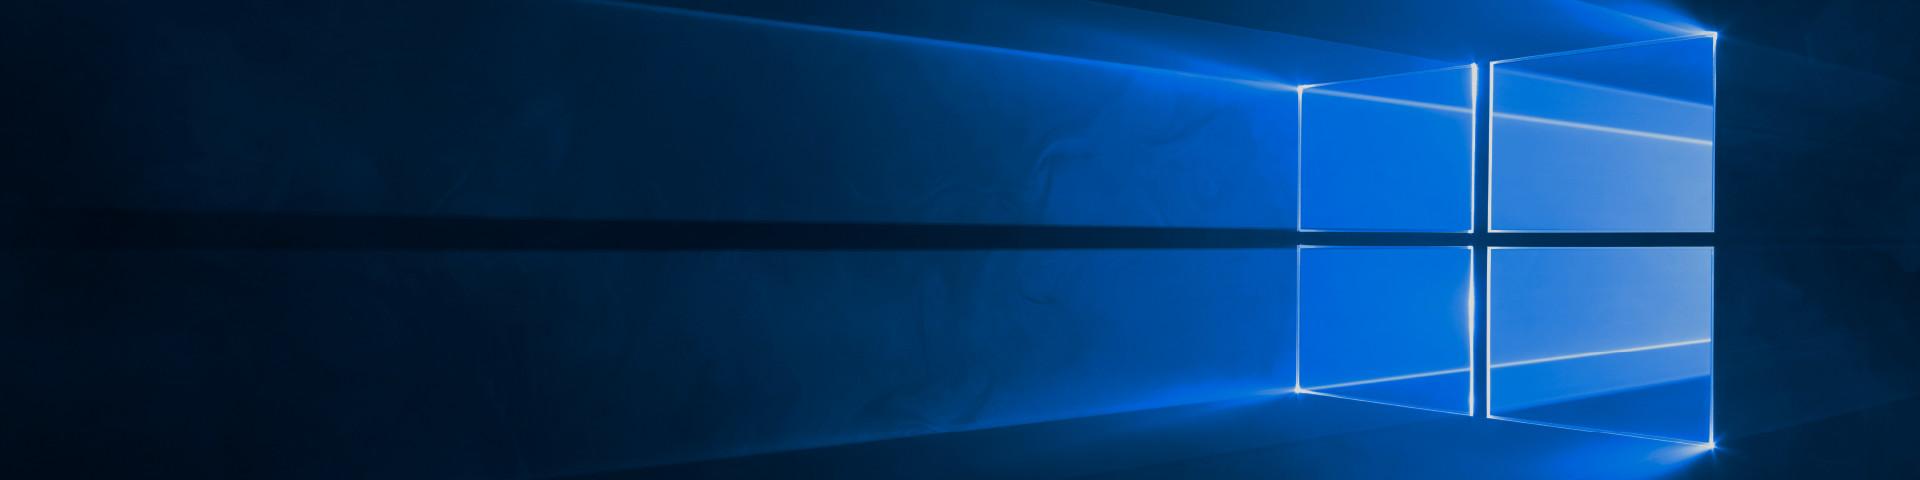 Luz del sol a través de una ventana, comprar y descargar Windows 10